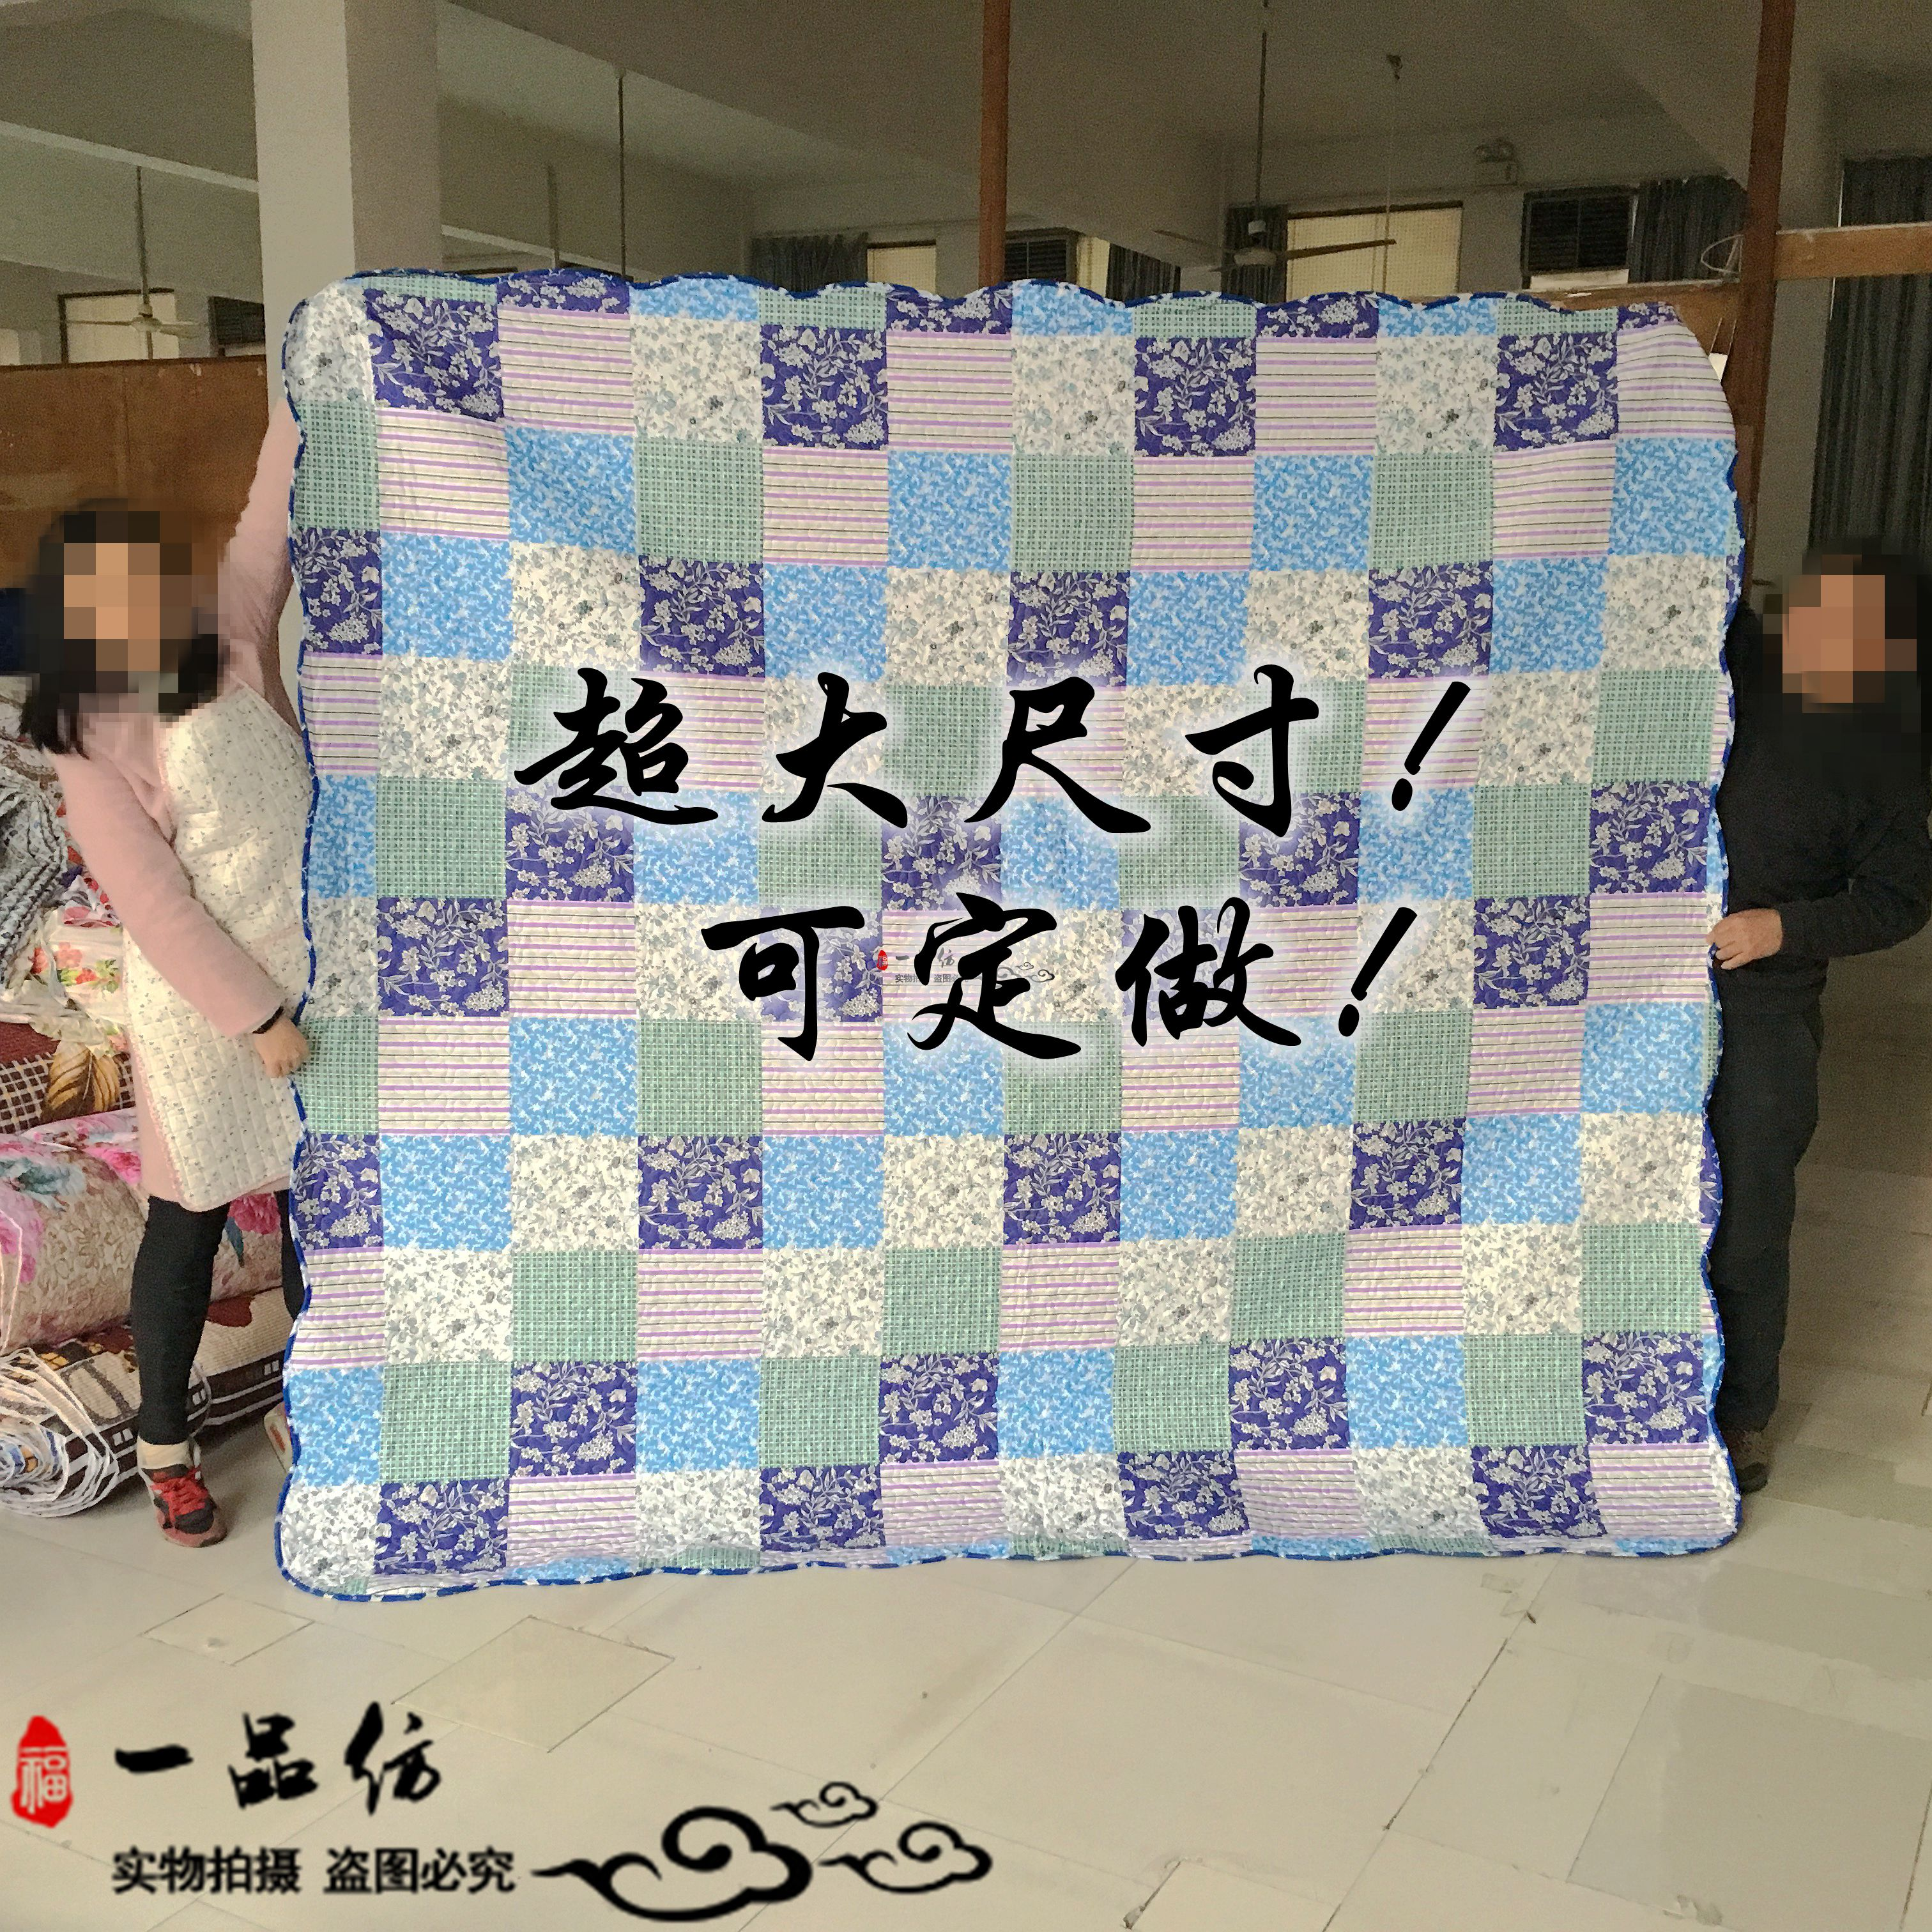 Nhà sản xuất giải phóng mặt bằng chế biến gói mùa hè mát điều hòa không khí bằng giường bìa duy nhất pad ba mảnh thiết lập tùy chỉnh, polyester duy nhất bông quilting